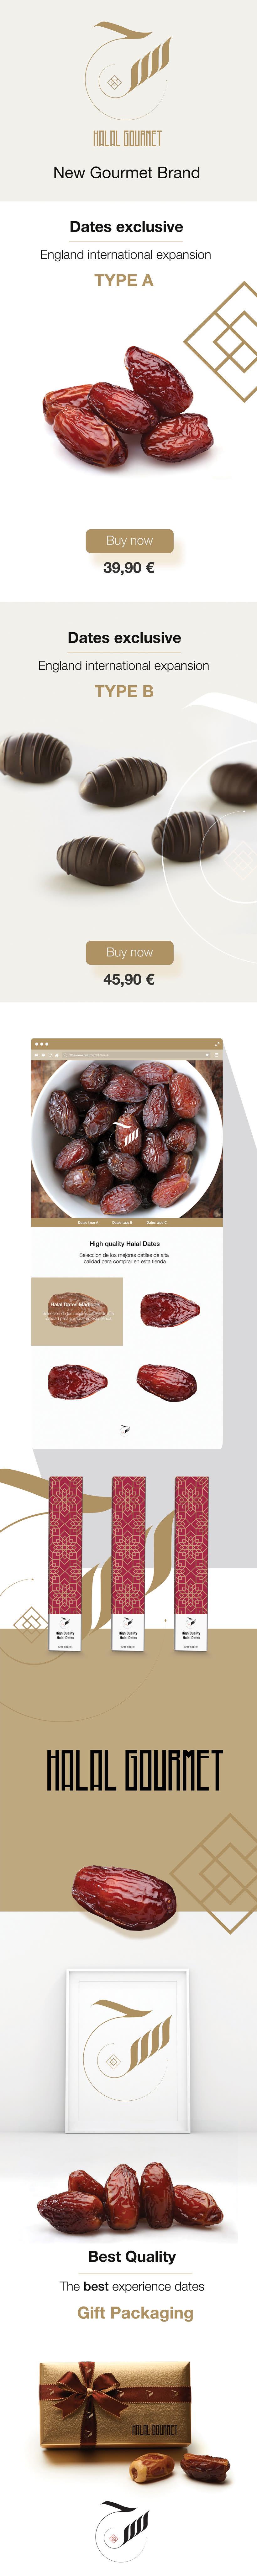 Halal Gourmet - Branding Design -1